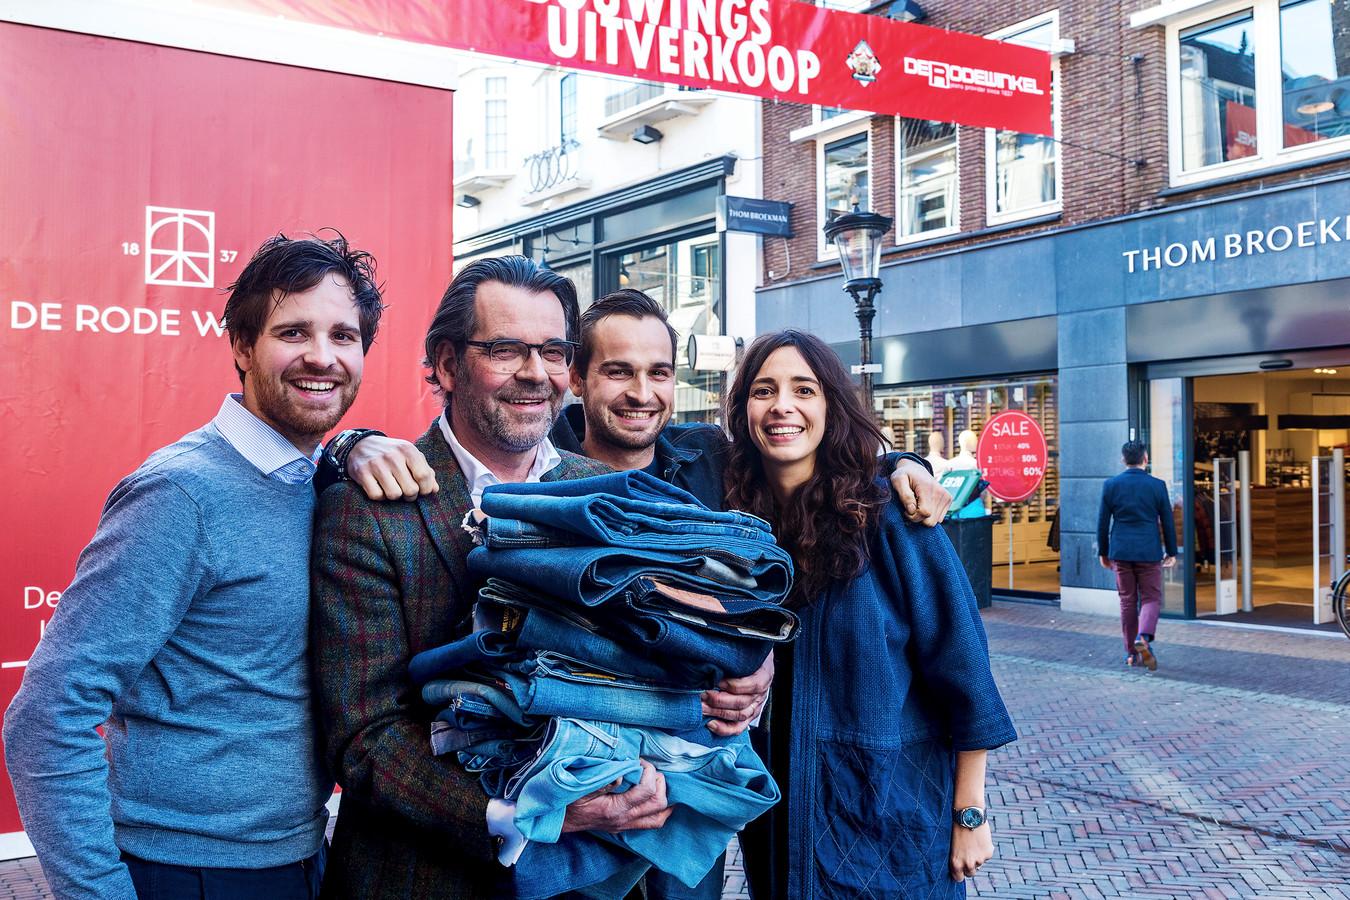 UTRECHT- Tom Broekman met zijn kinderen voor hun winkel, op archiefbeeld.